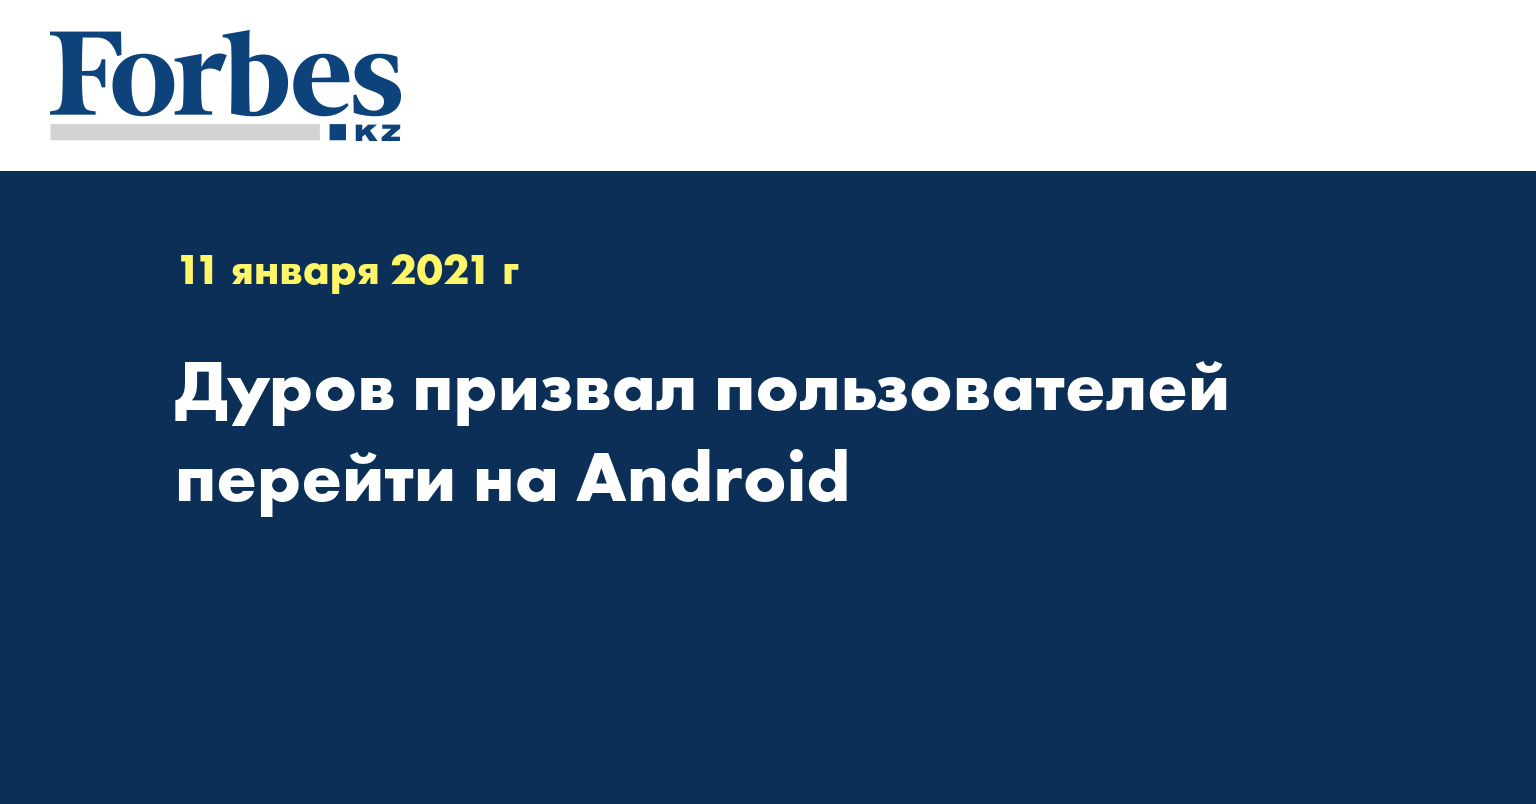 Дуров призвал пользователей перейти на Android